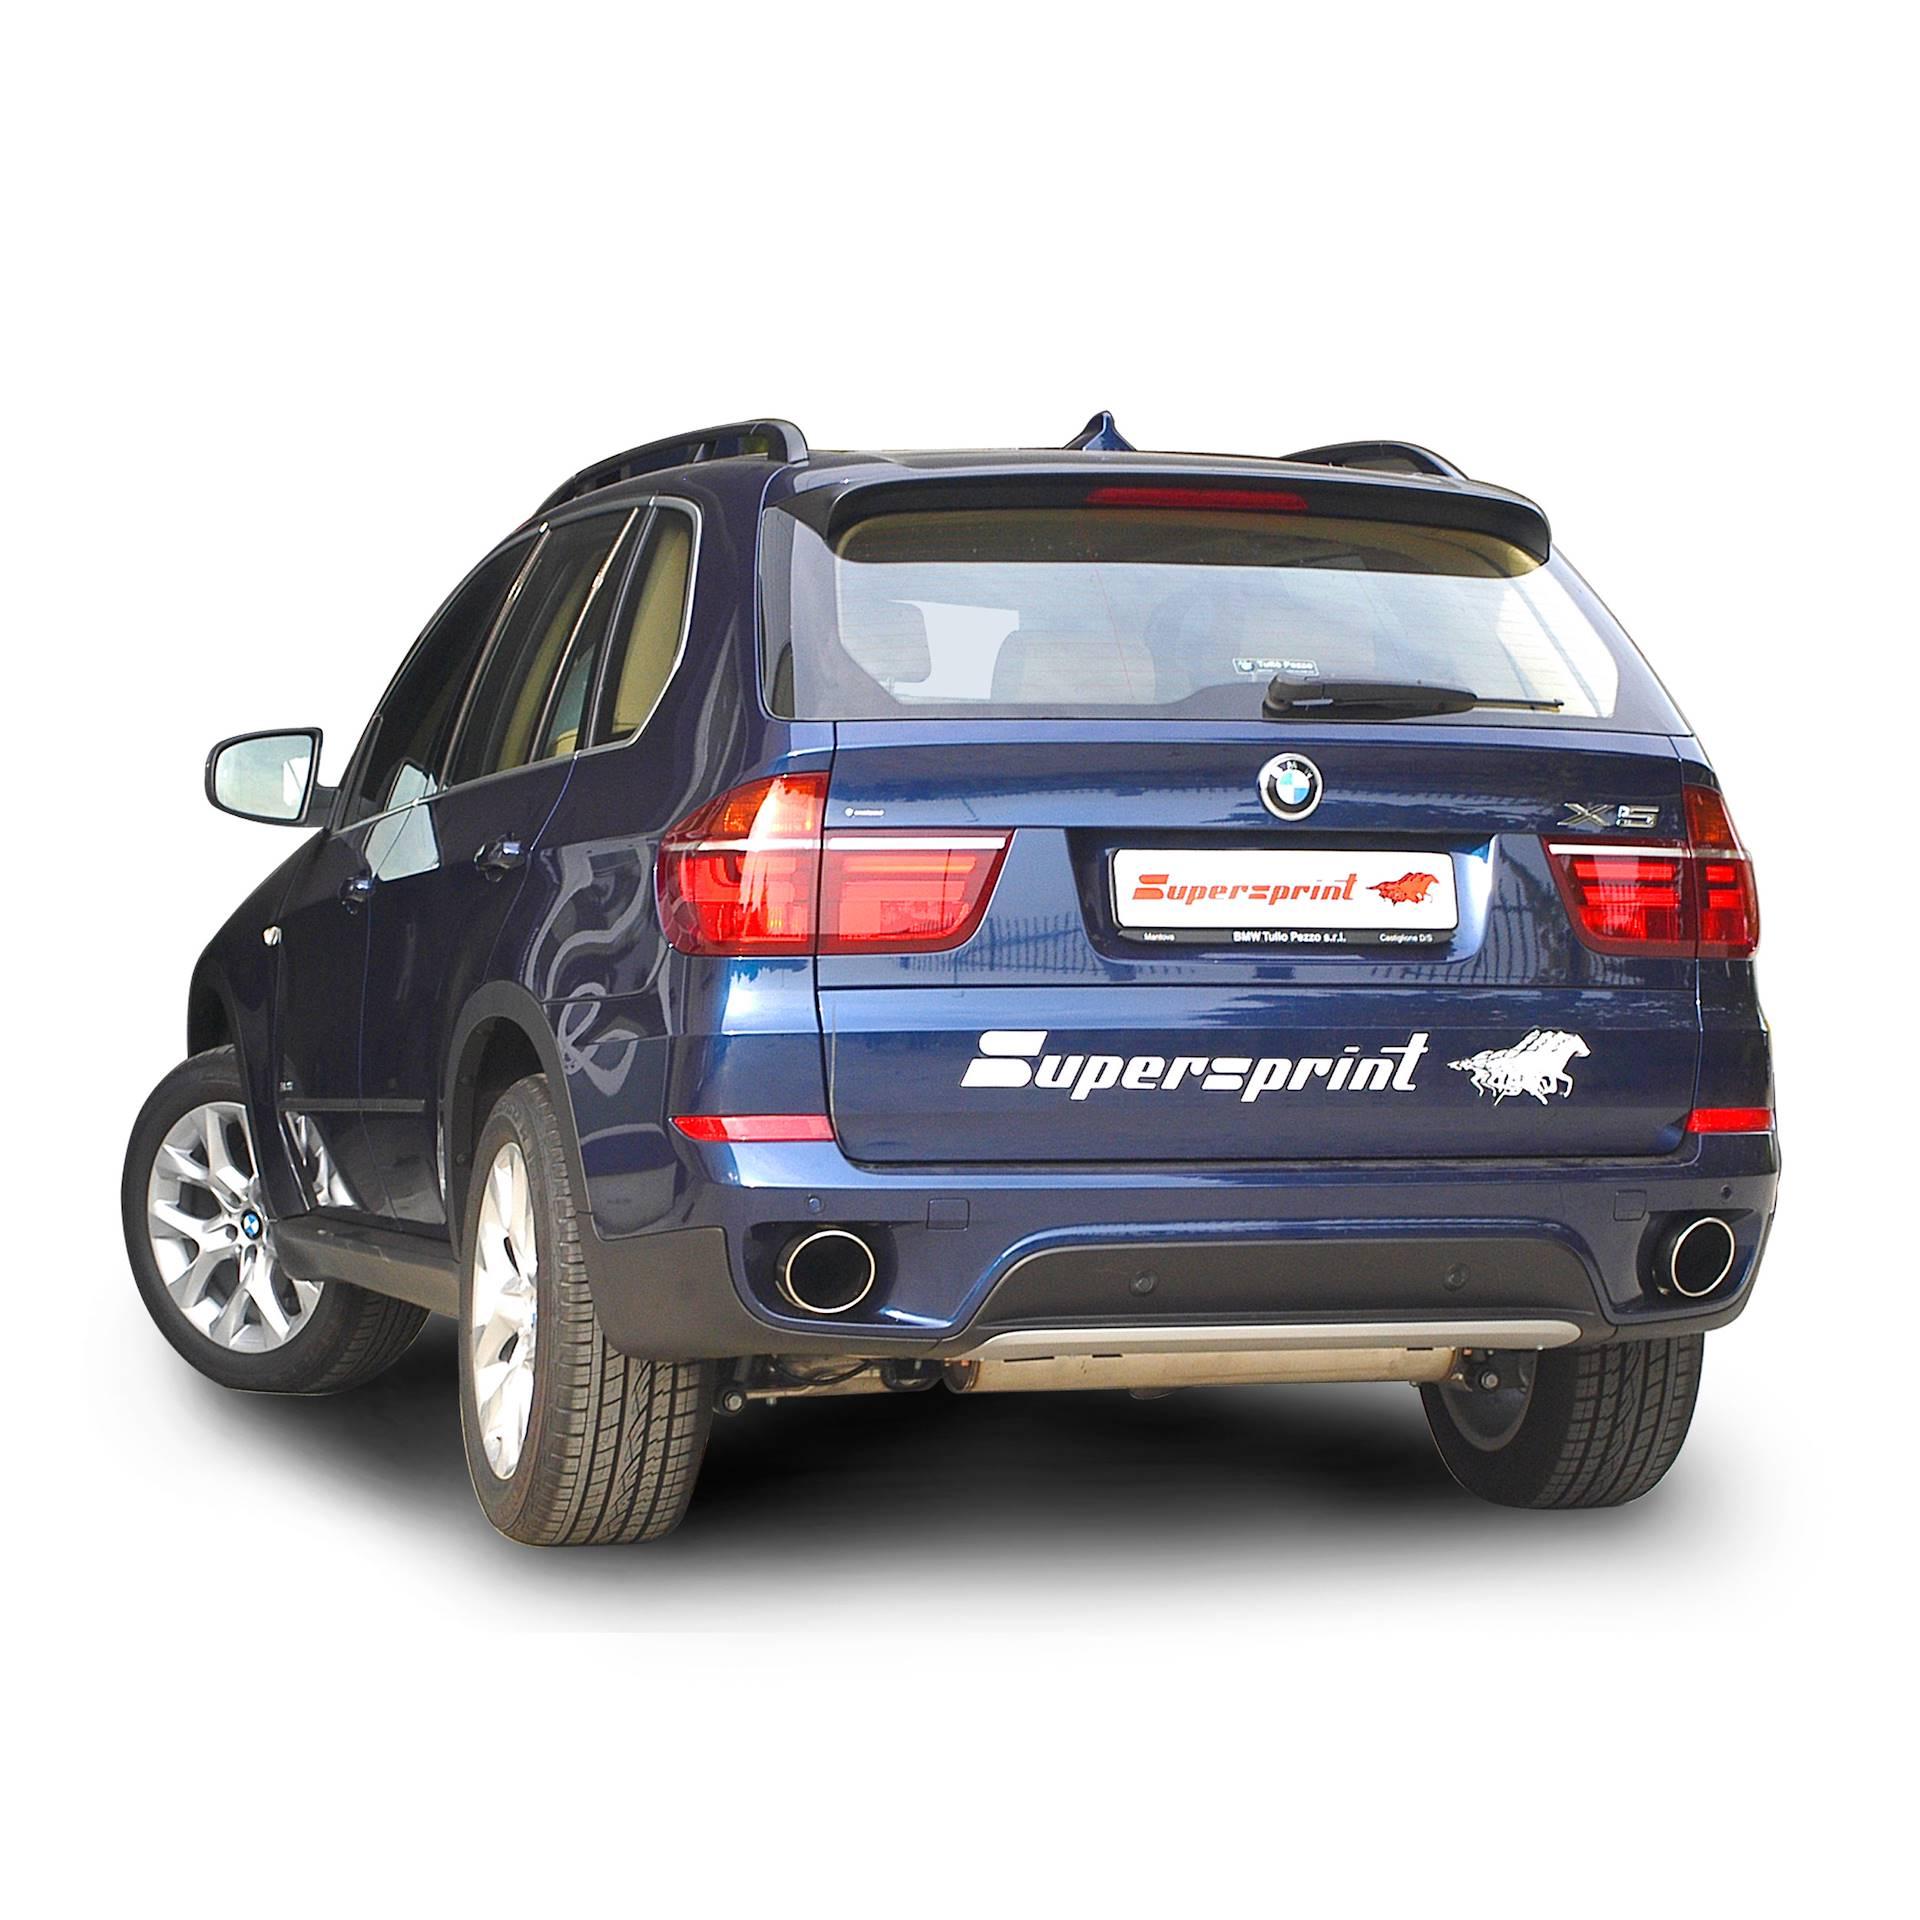 BMW E70 X5 LCI 40iX (N55 Engine) 2012 -> 2013, BMW